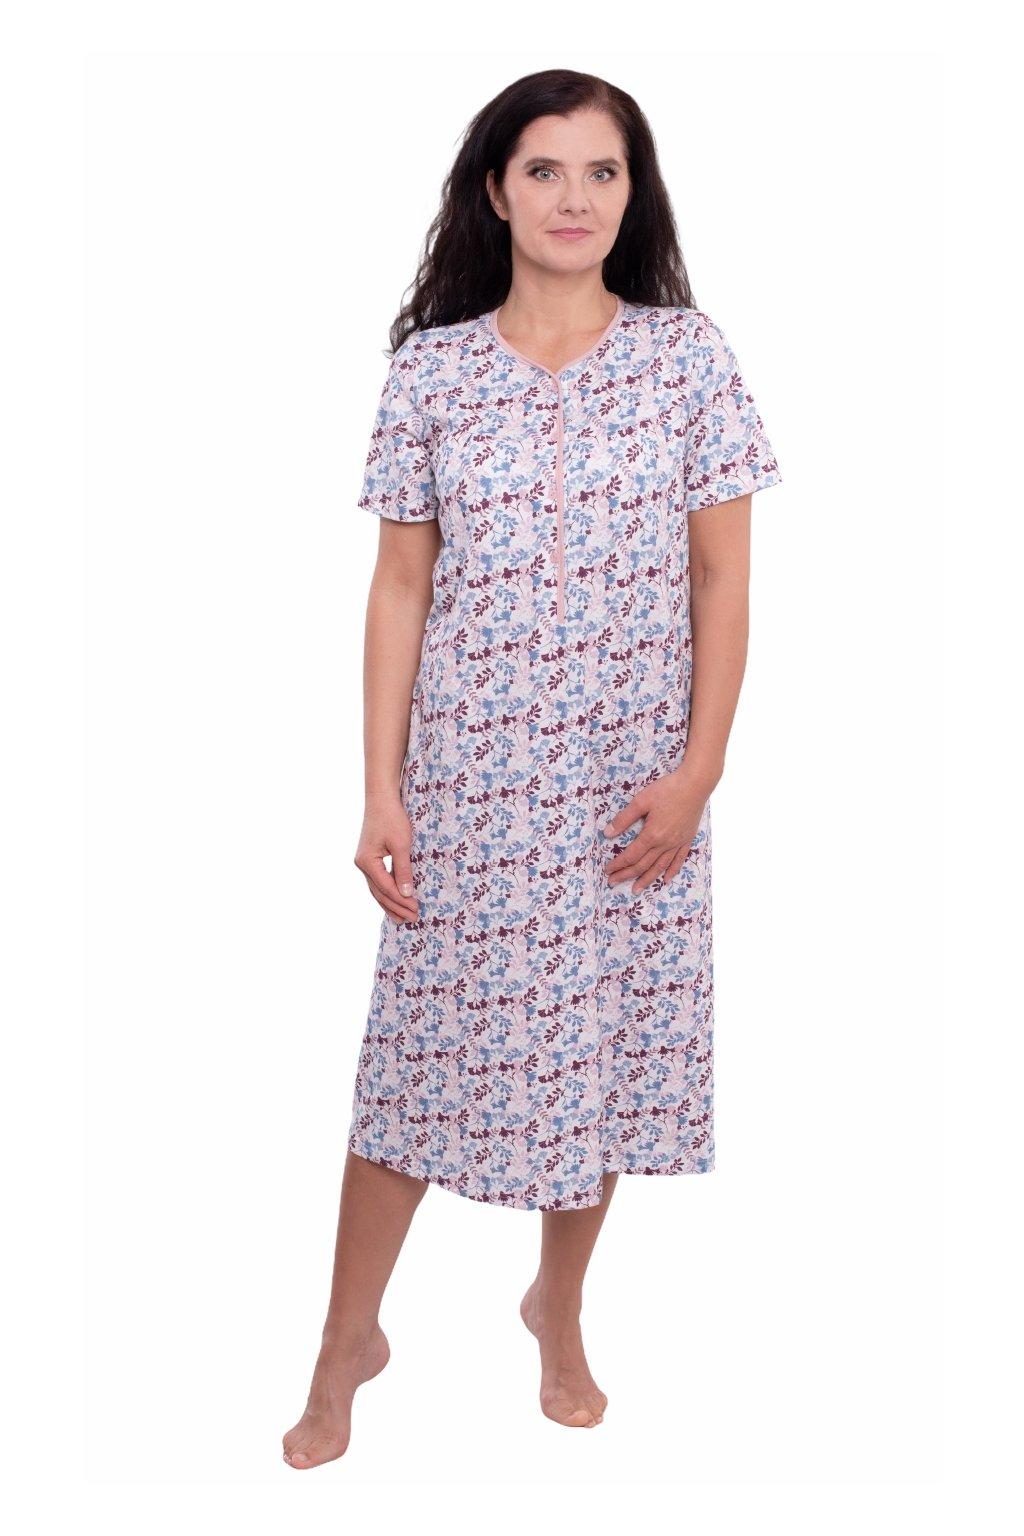 Dámská noční košile s krátkým rukávem, 104232 485, růžová